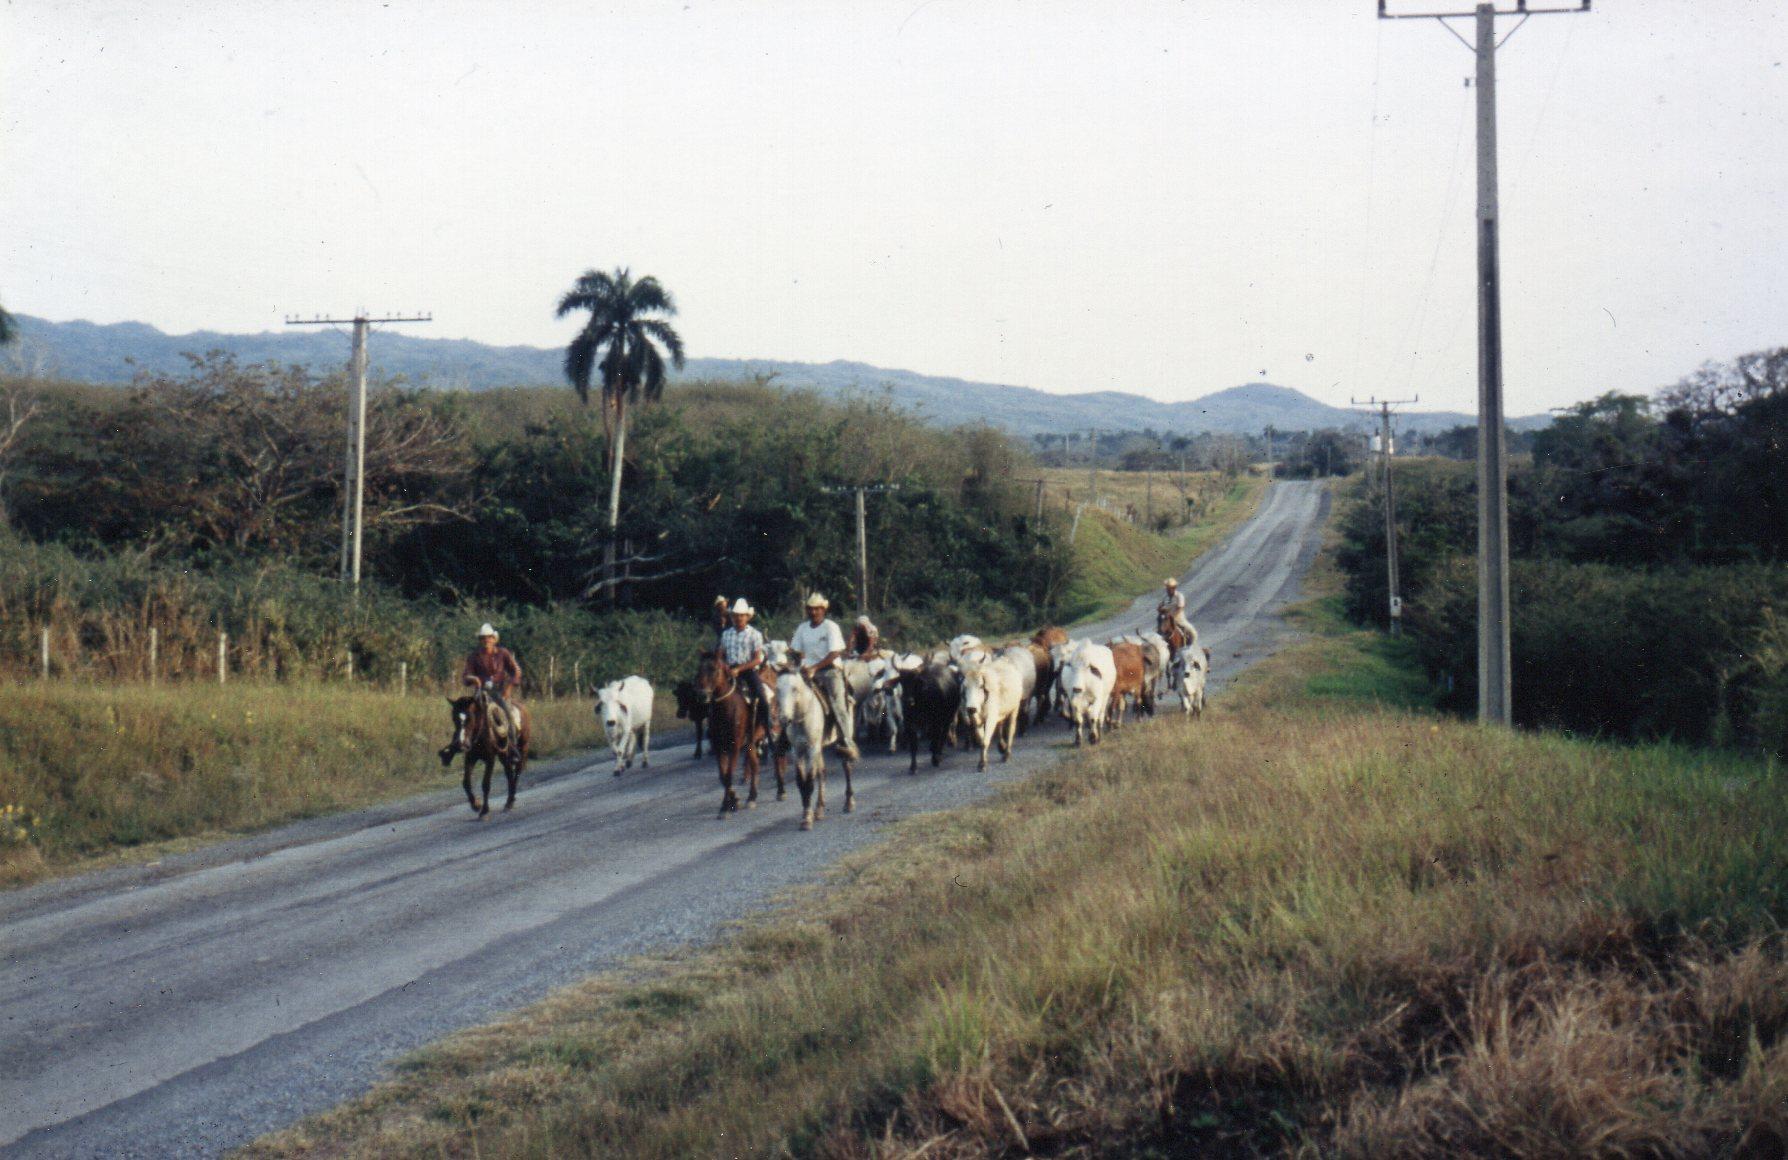 Cubanske cowboys nær den såkaldte Sukkerdal ved Trinidad. Desværre var der deltagere, der for at få bedre billeder, løb ned mellem køerne og skræmte dem ind i naturen, så folkene havde stort besvær med at indfange dem igen.